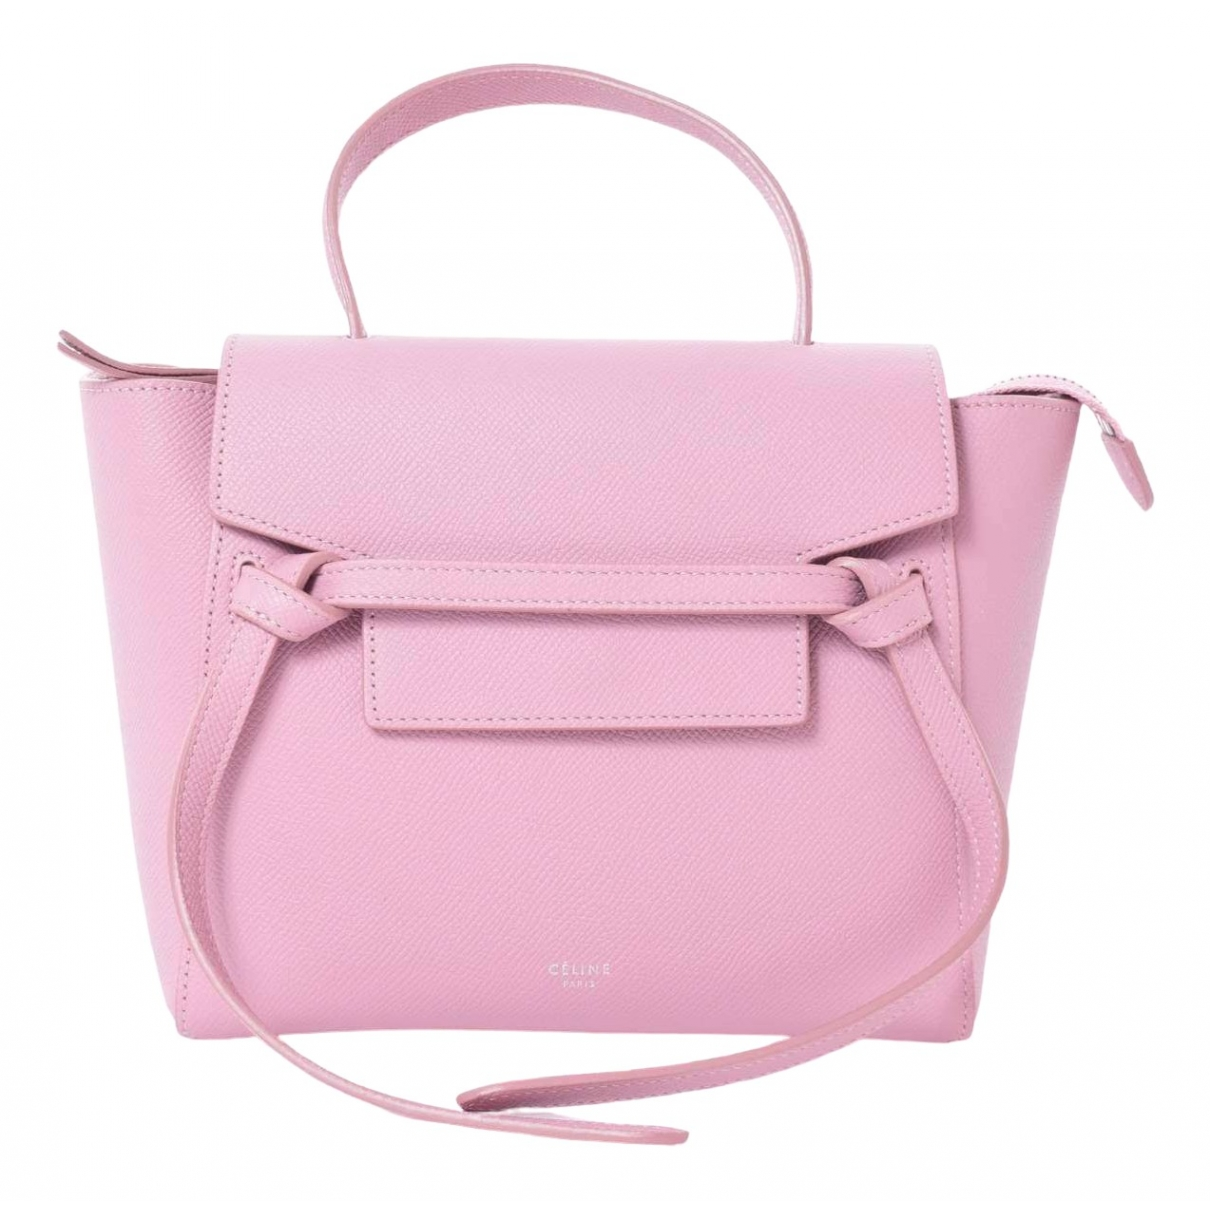 Celine Belt Pink Leather handbag for Women \N